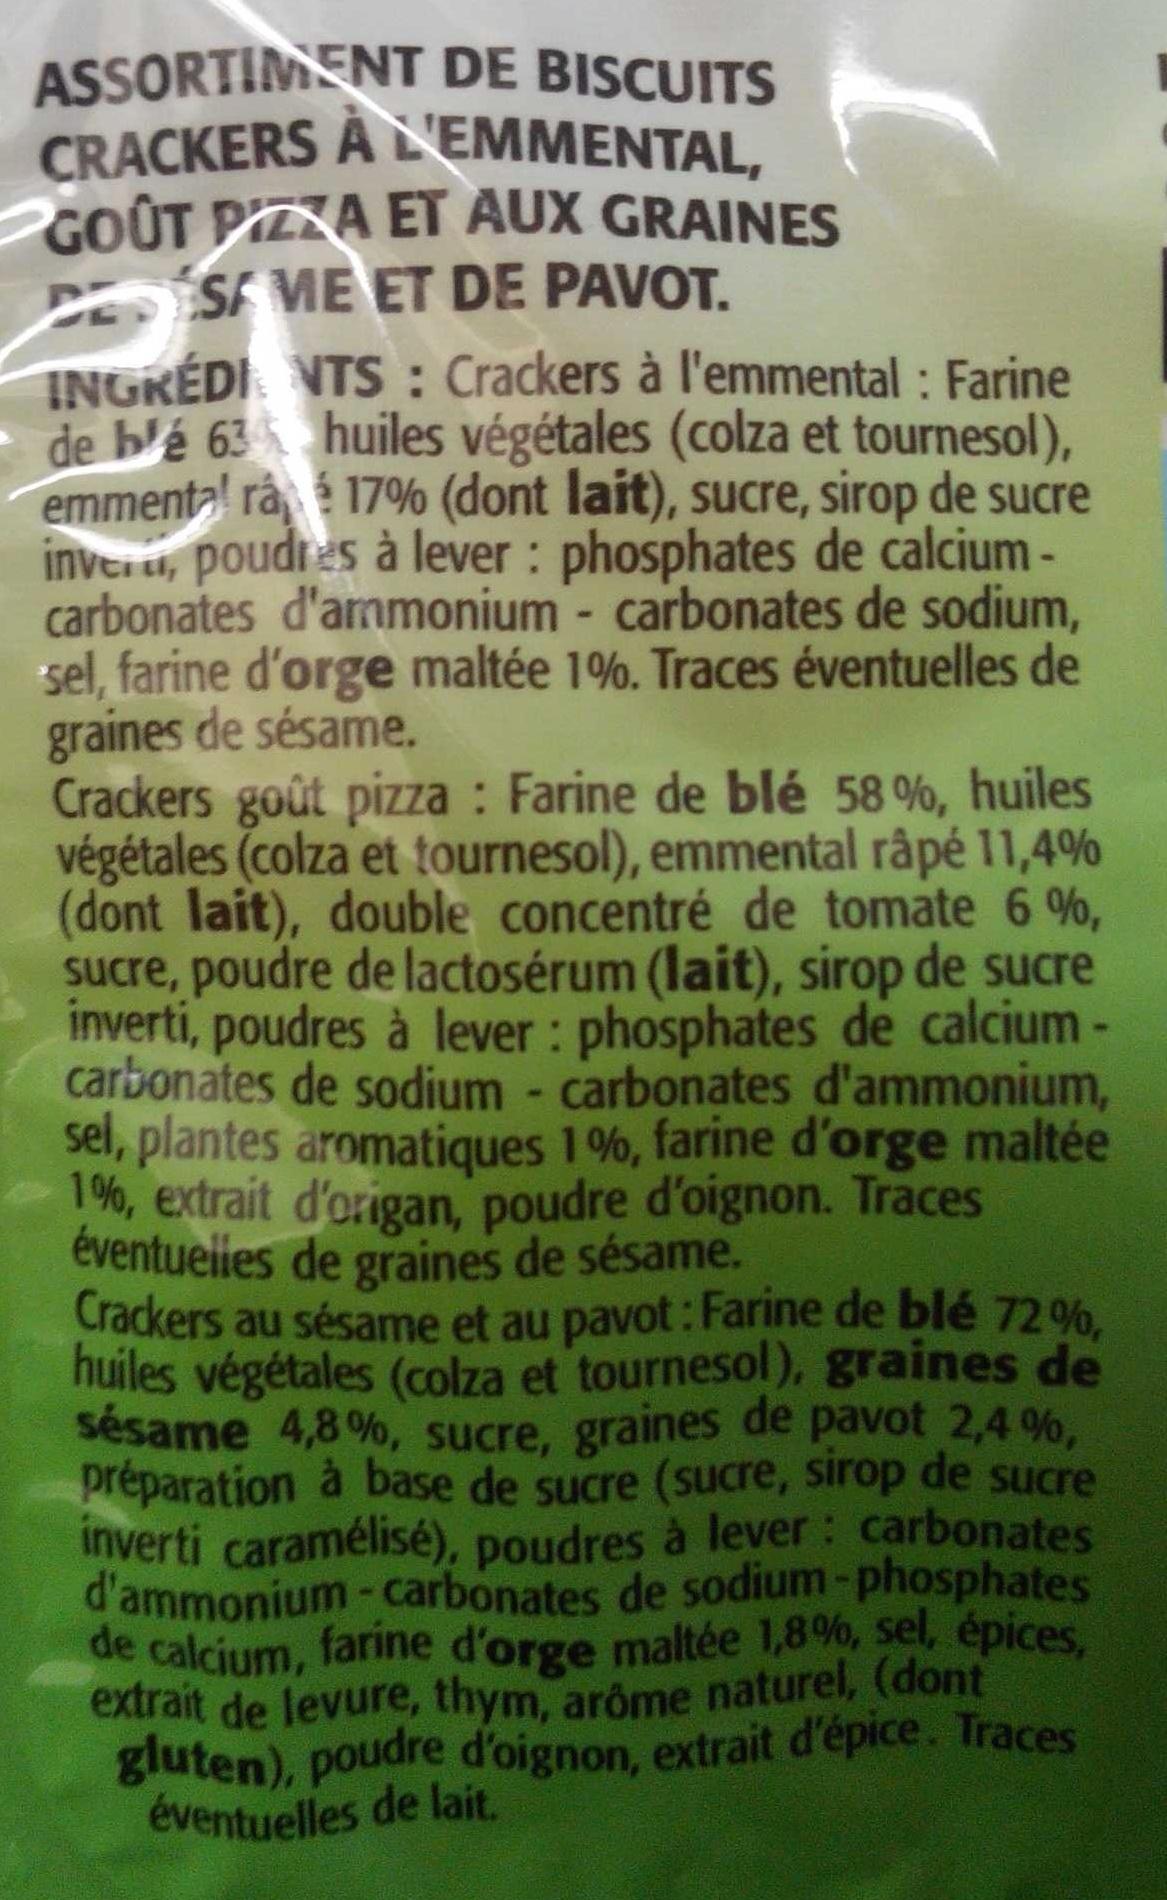 Coffret de biscuits crackers - Ingrediënten